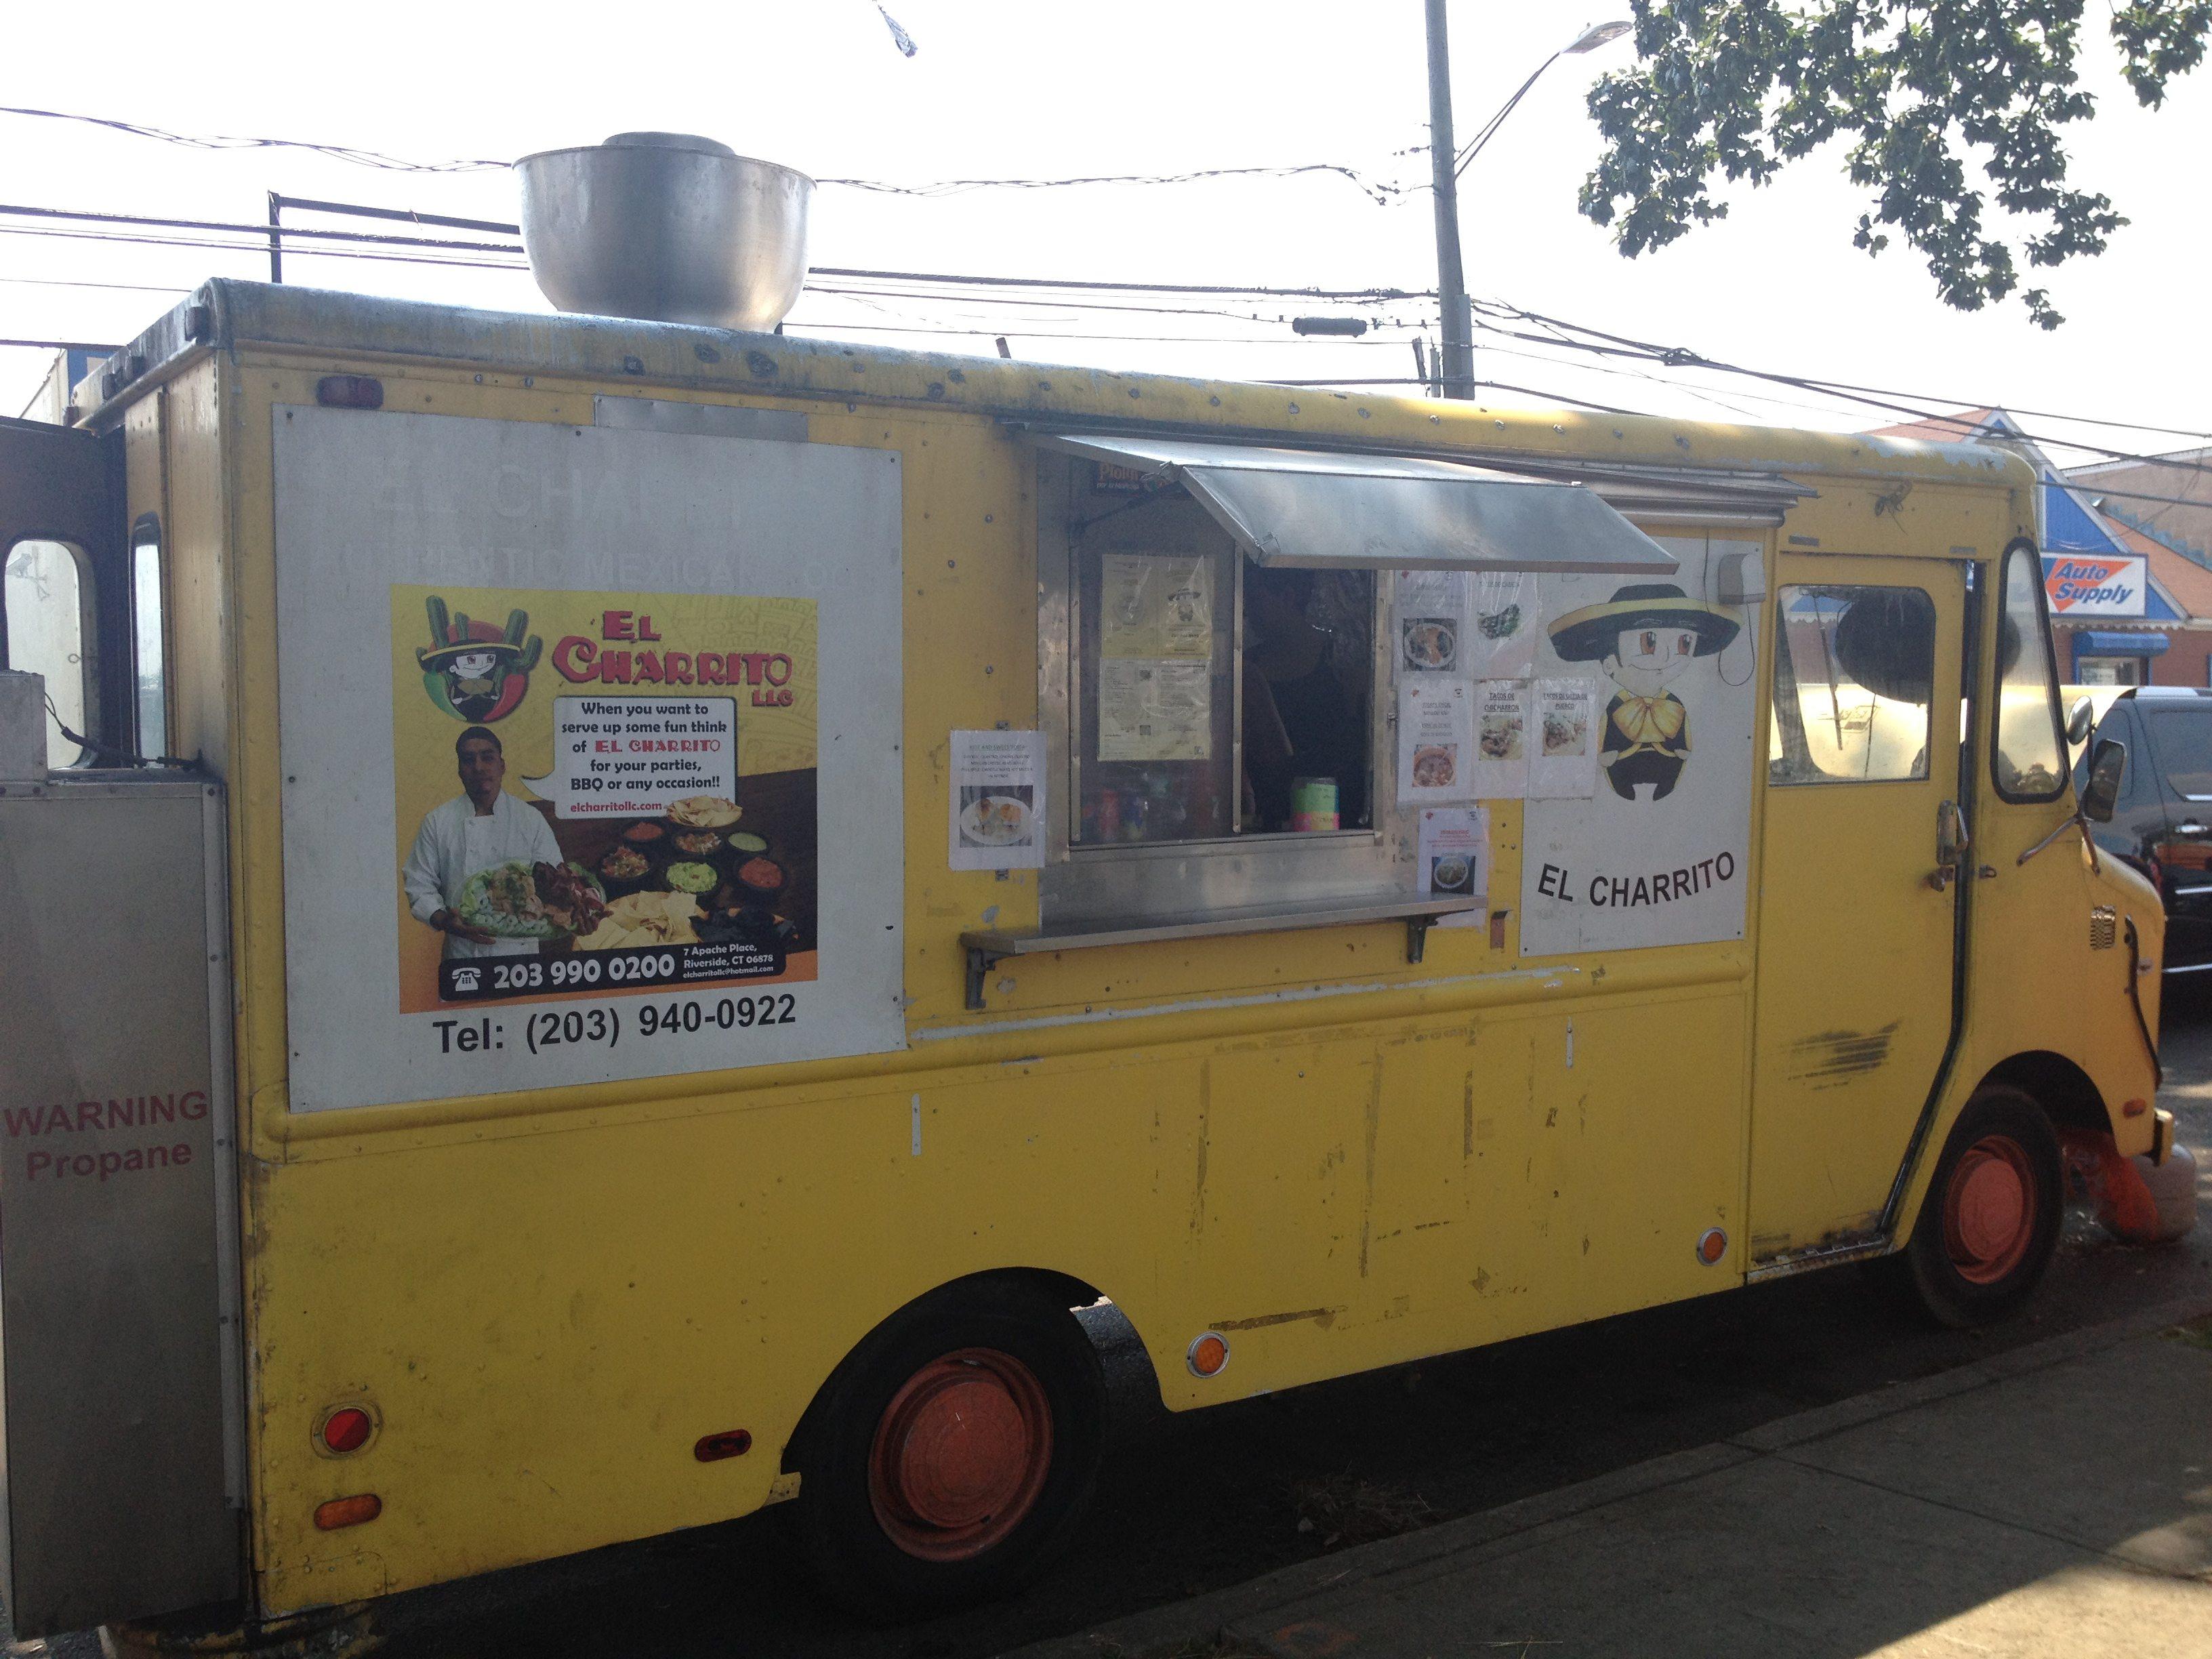 El Charrito Food Truck